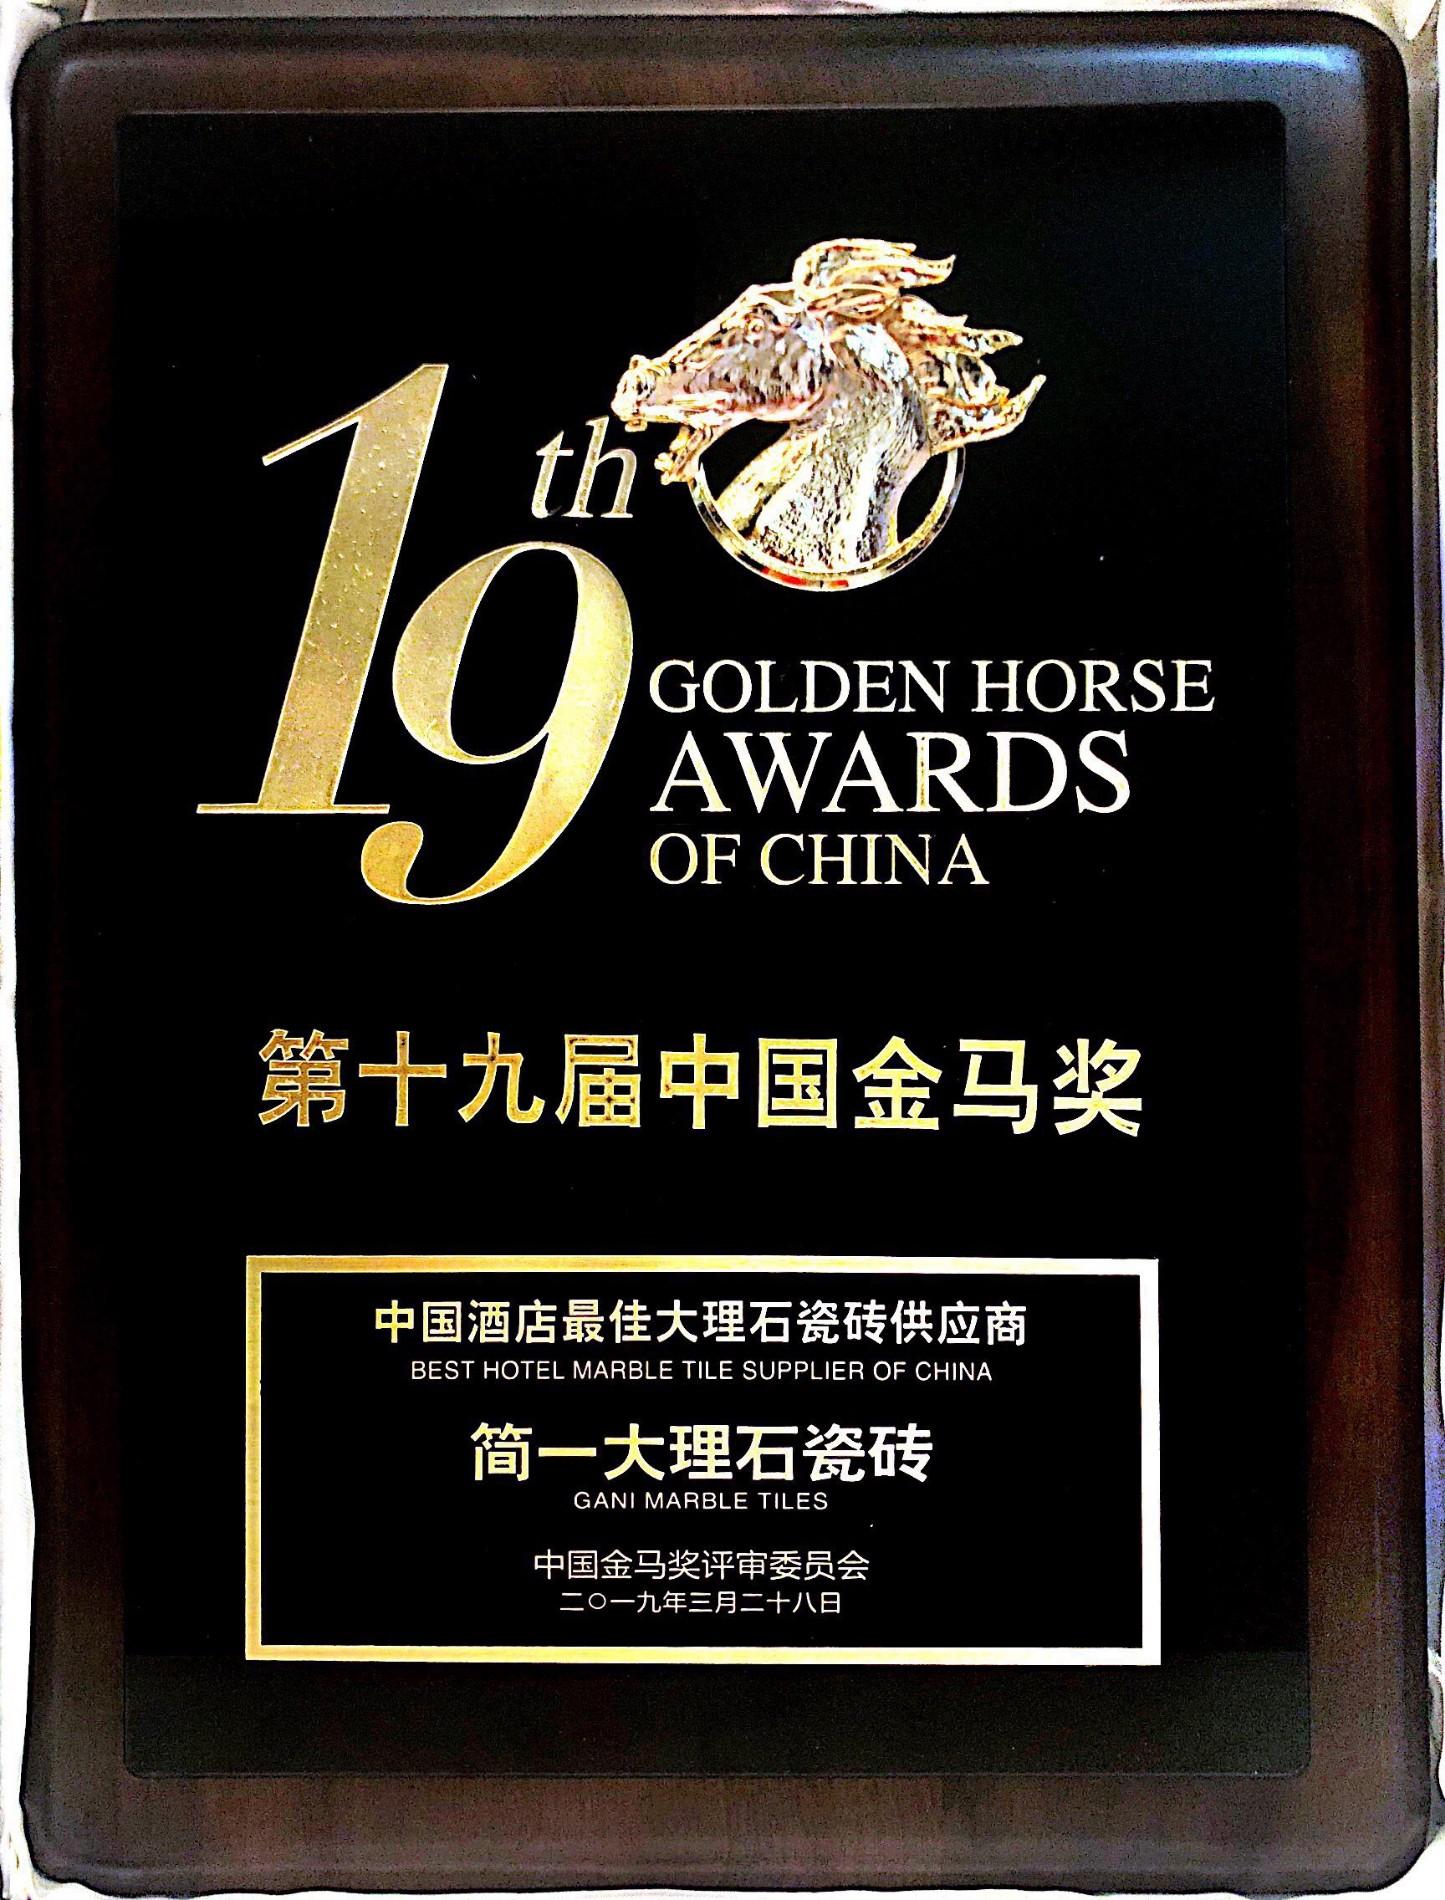 أفضل 19 فندق مورد بلاط الرخام للصين من جوائز الحصان الذهبي الصيني